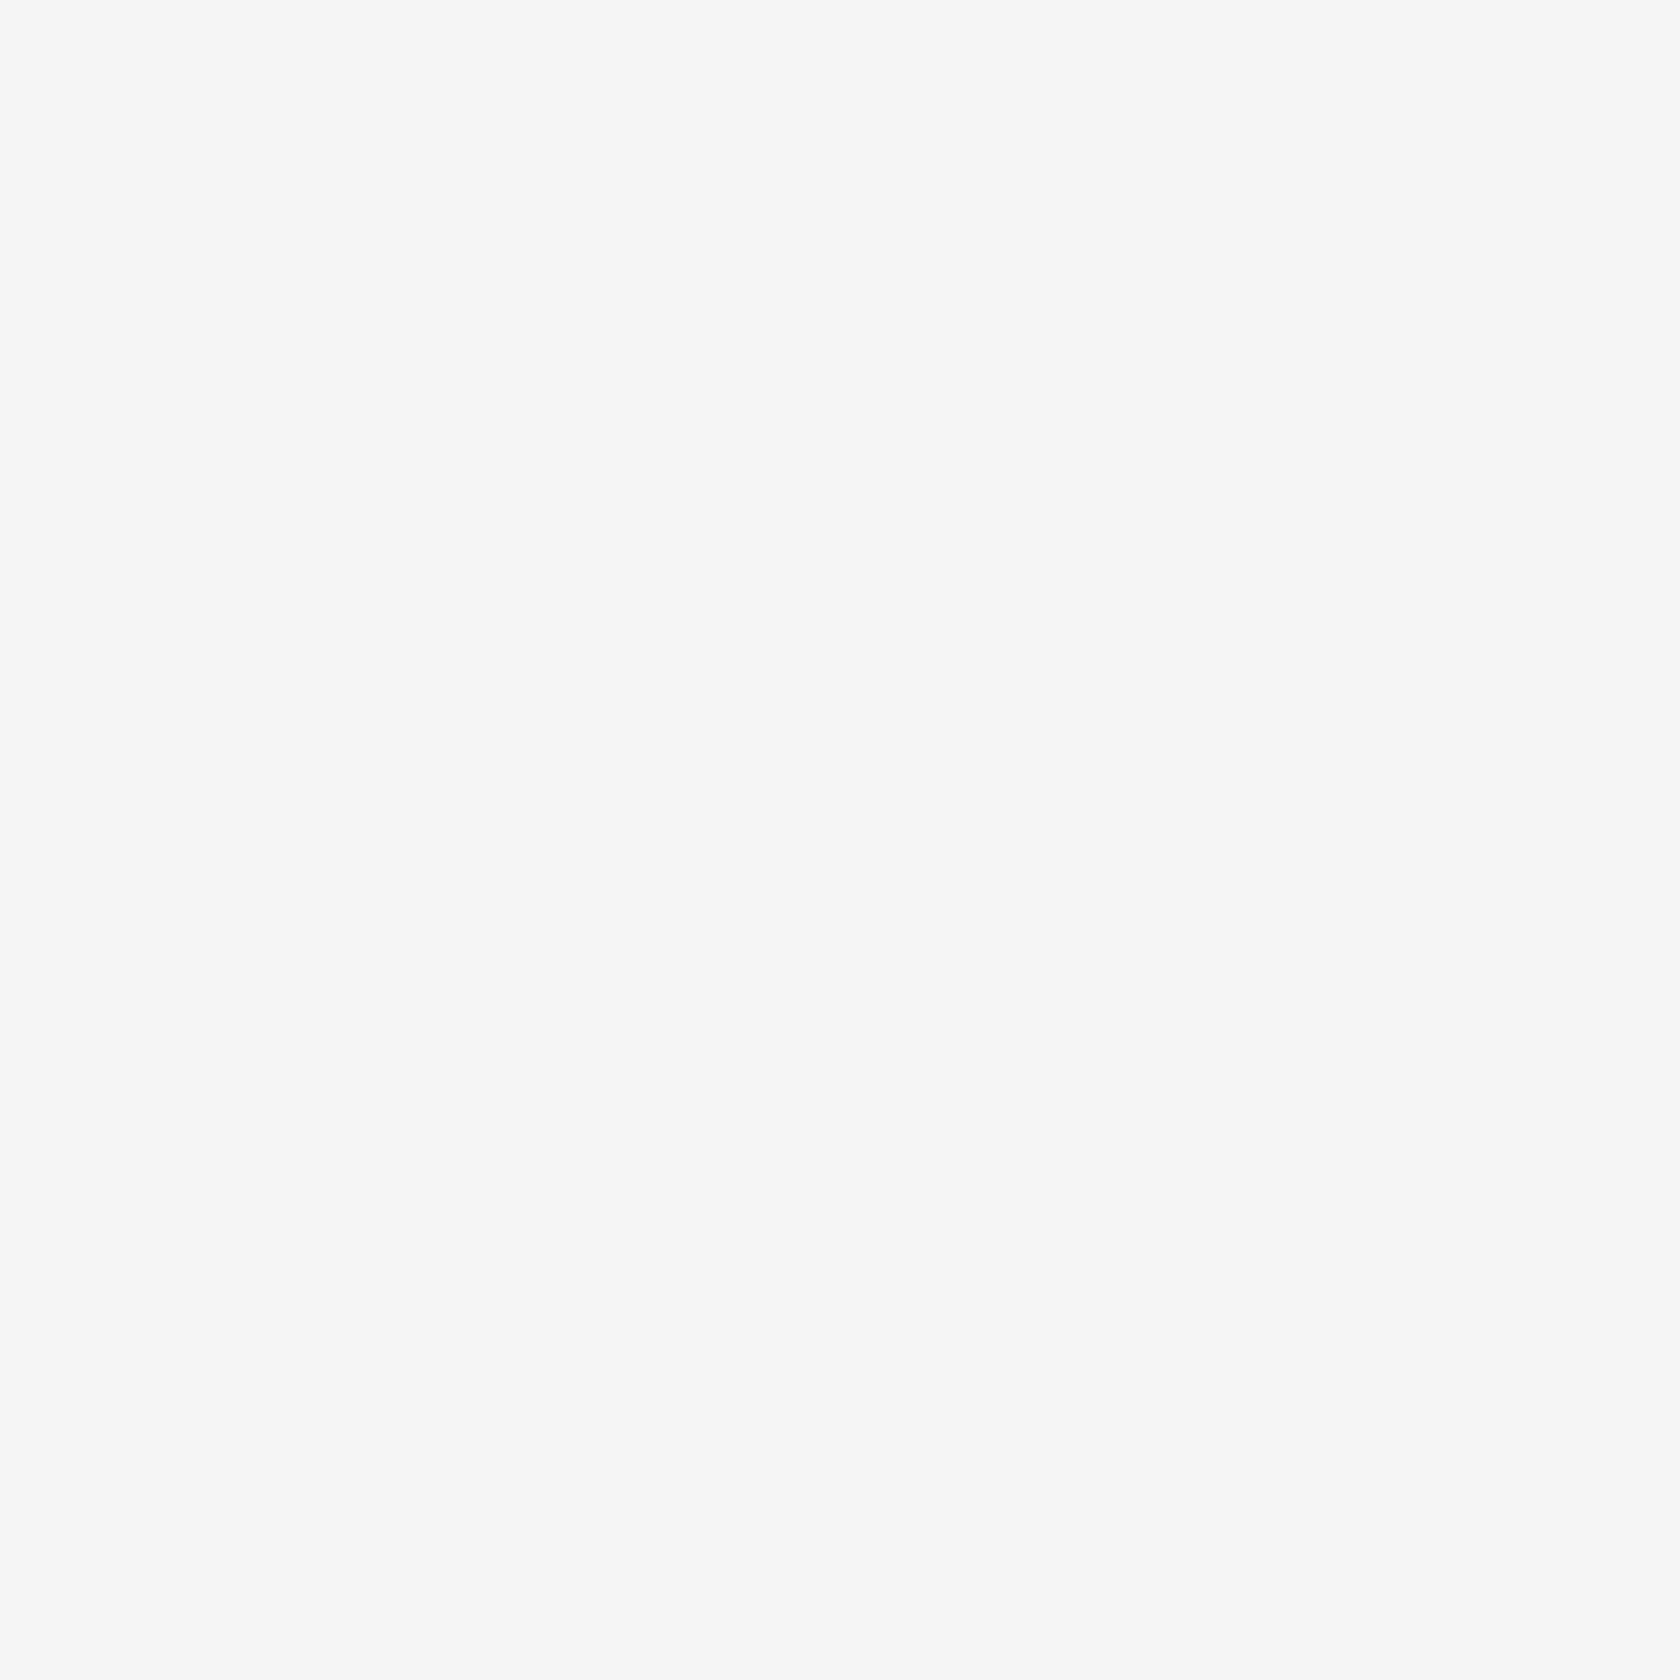 Mosaique au 24 gold set of 5 square plates